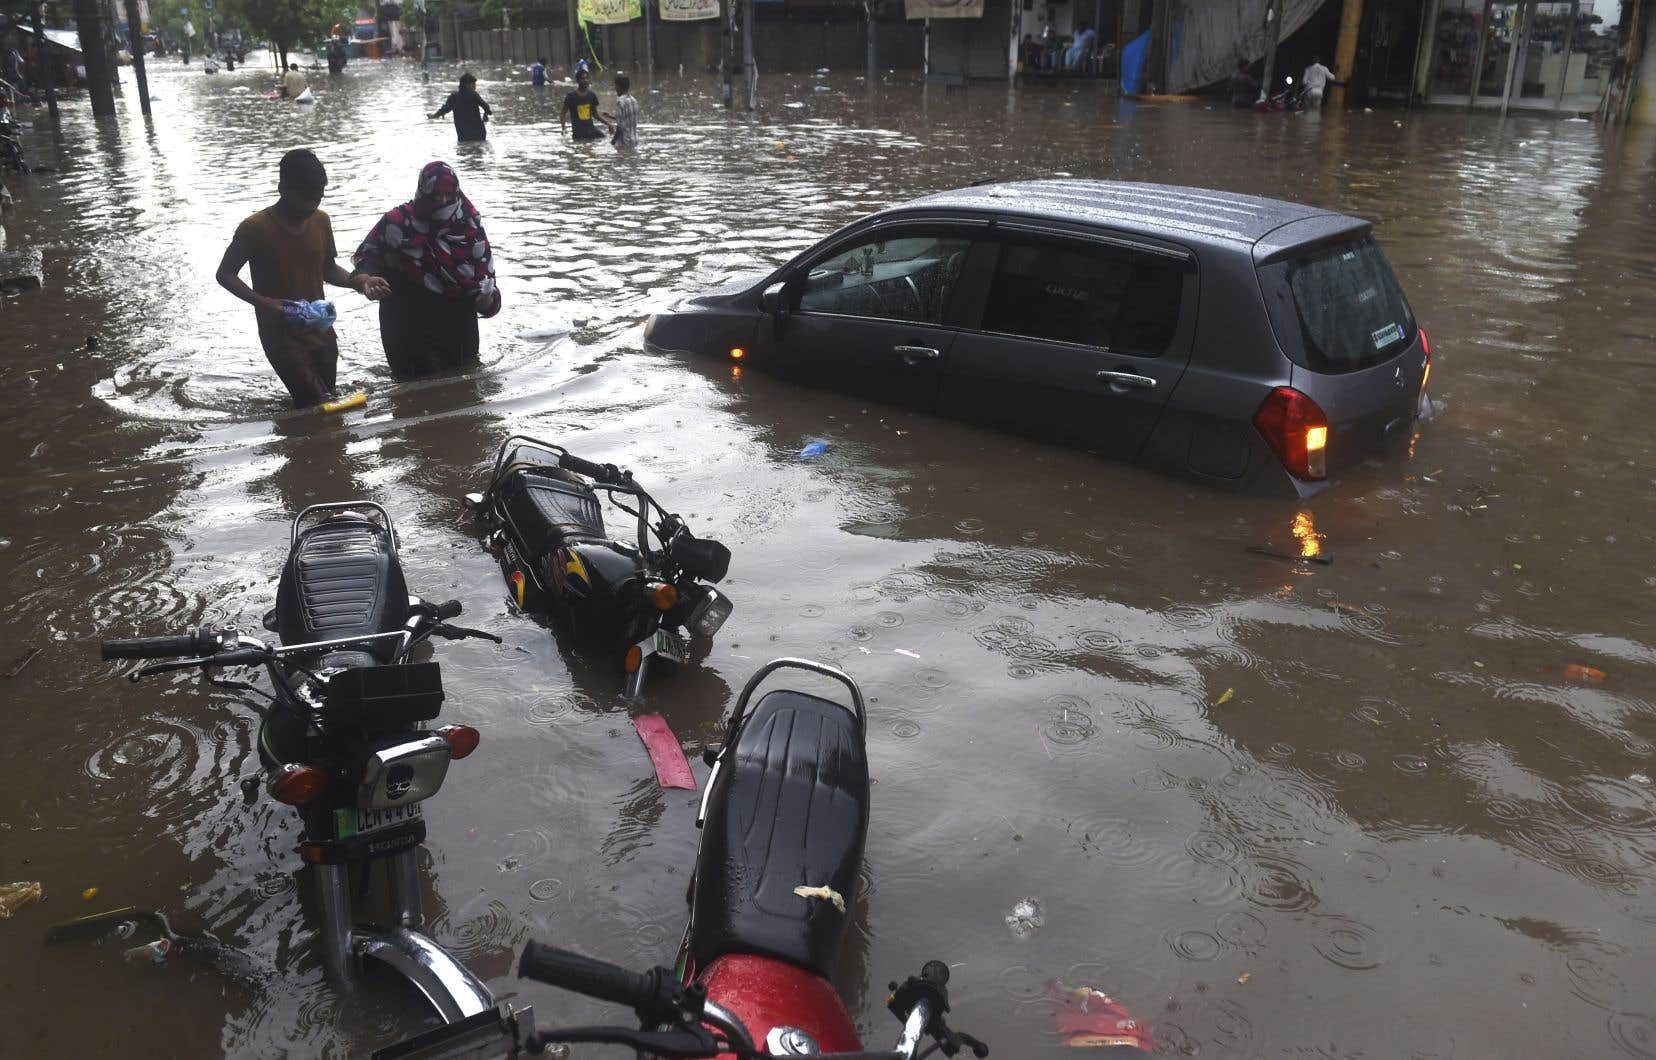 Dans le Cachemire pakistanais, les autorités ont fait état de 23 morts et de 120 maisons endommagées dans de brusques montées des eaux.